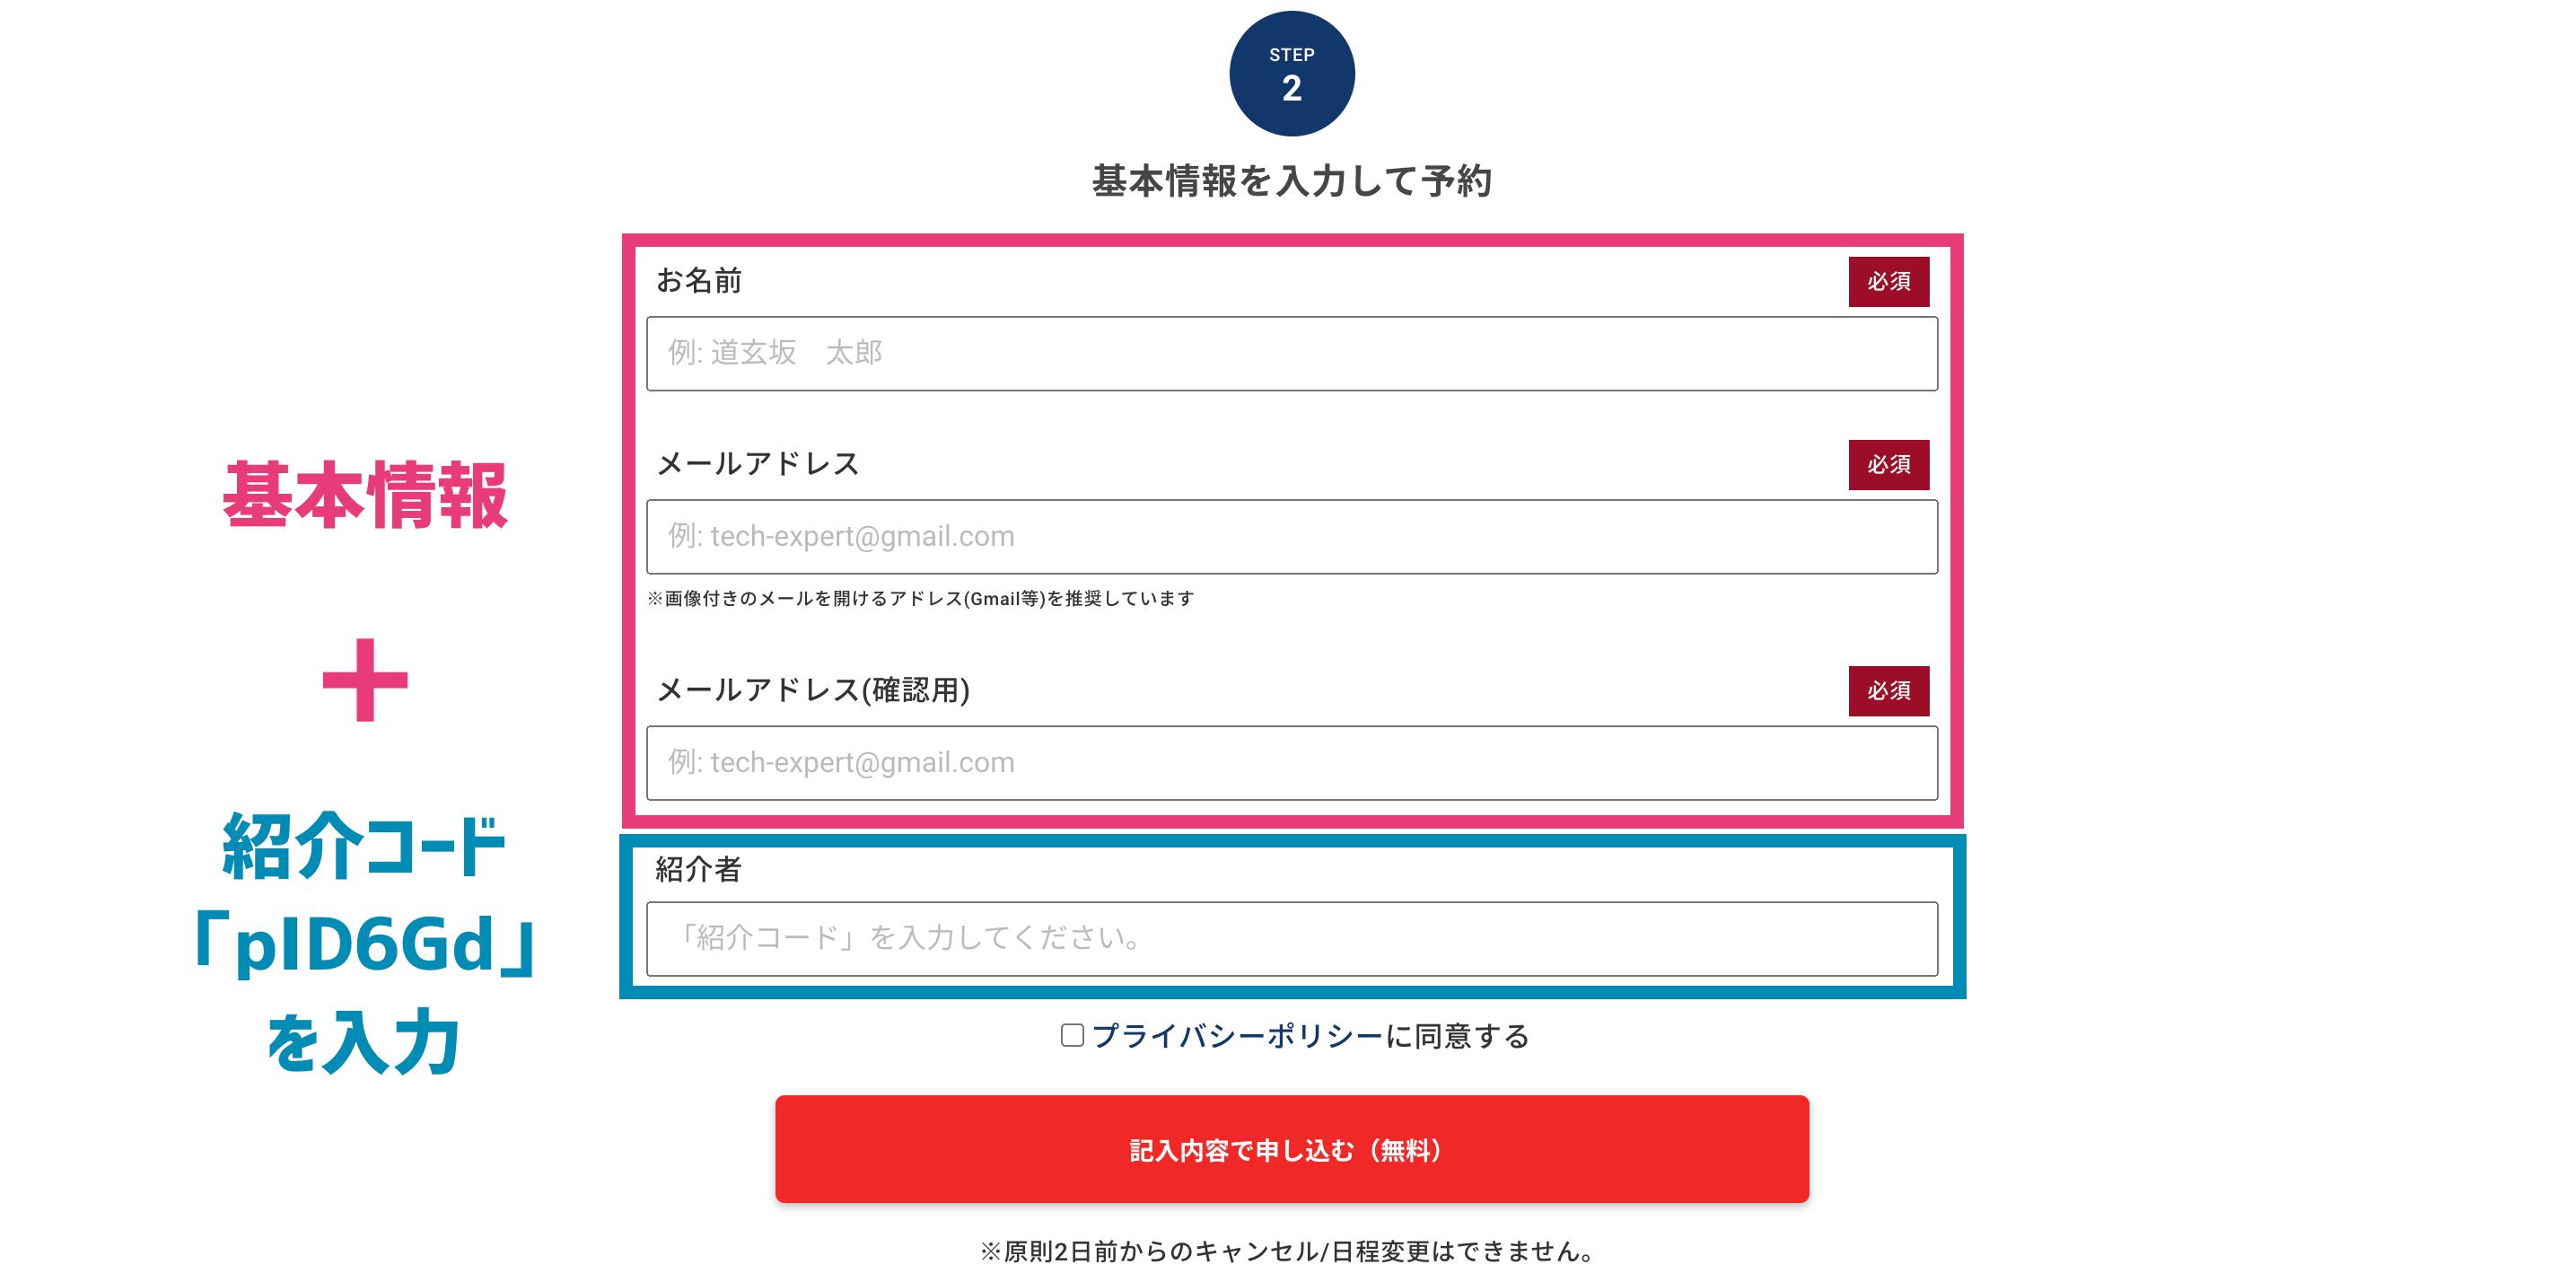 基本情報+紹介コード「pID6Gd」を入力